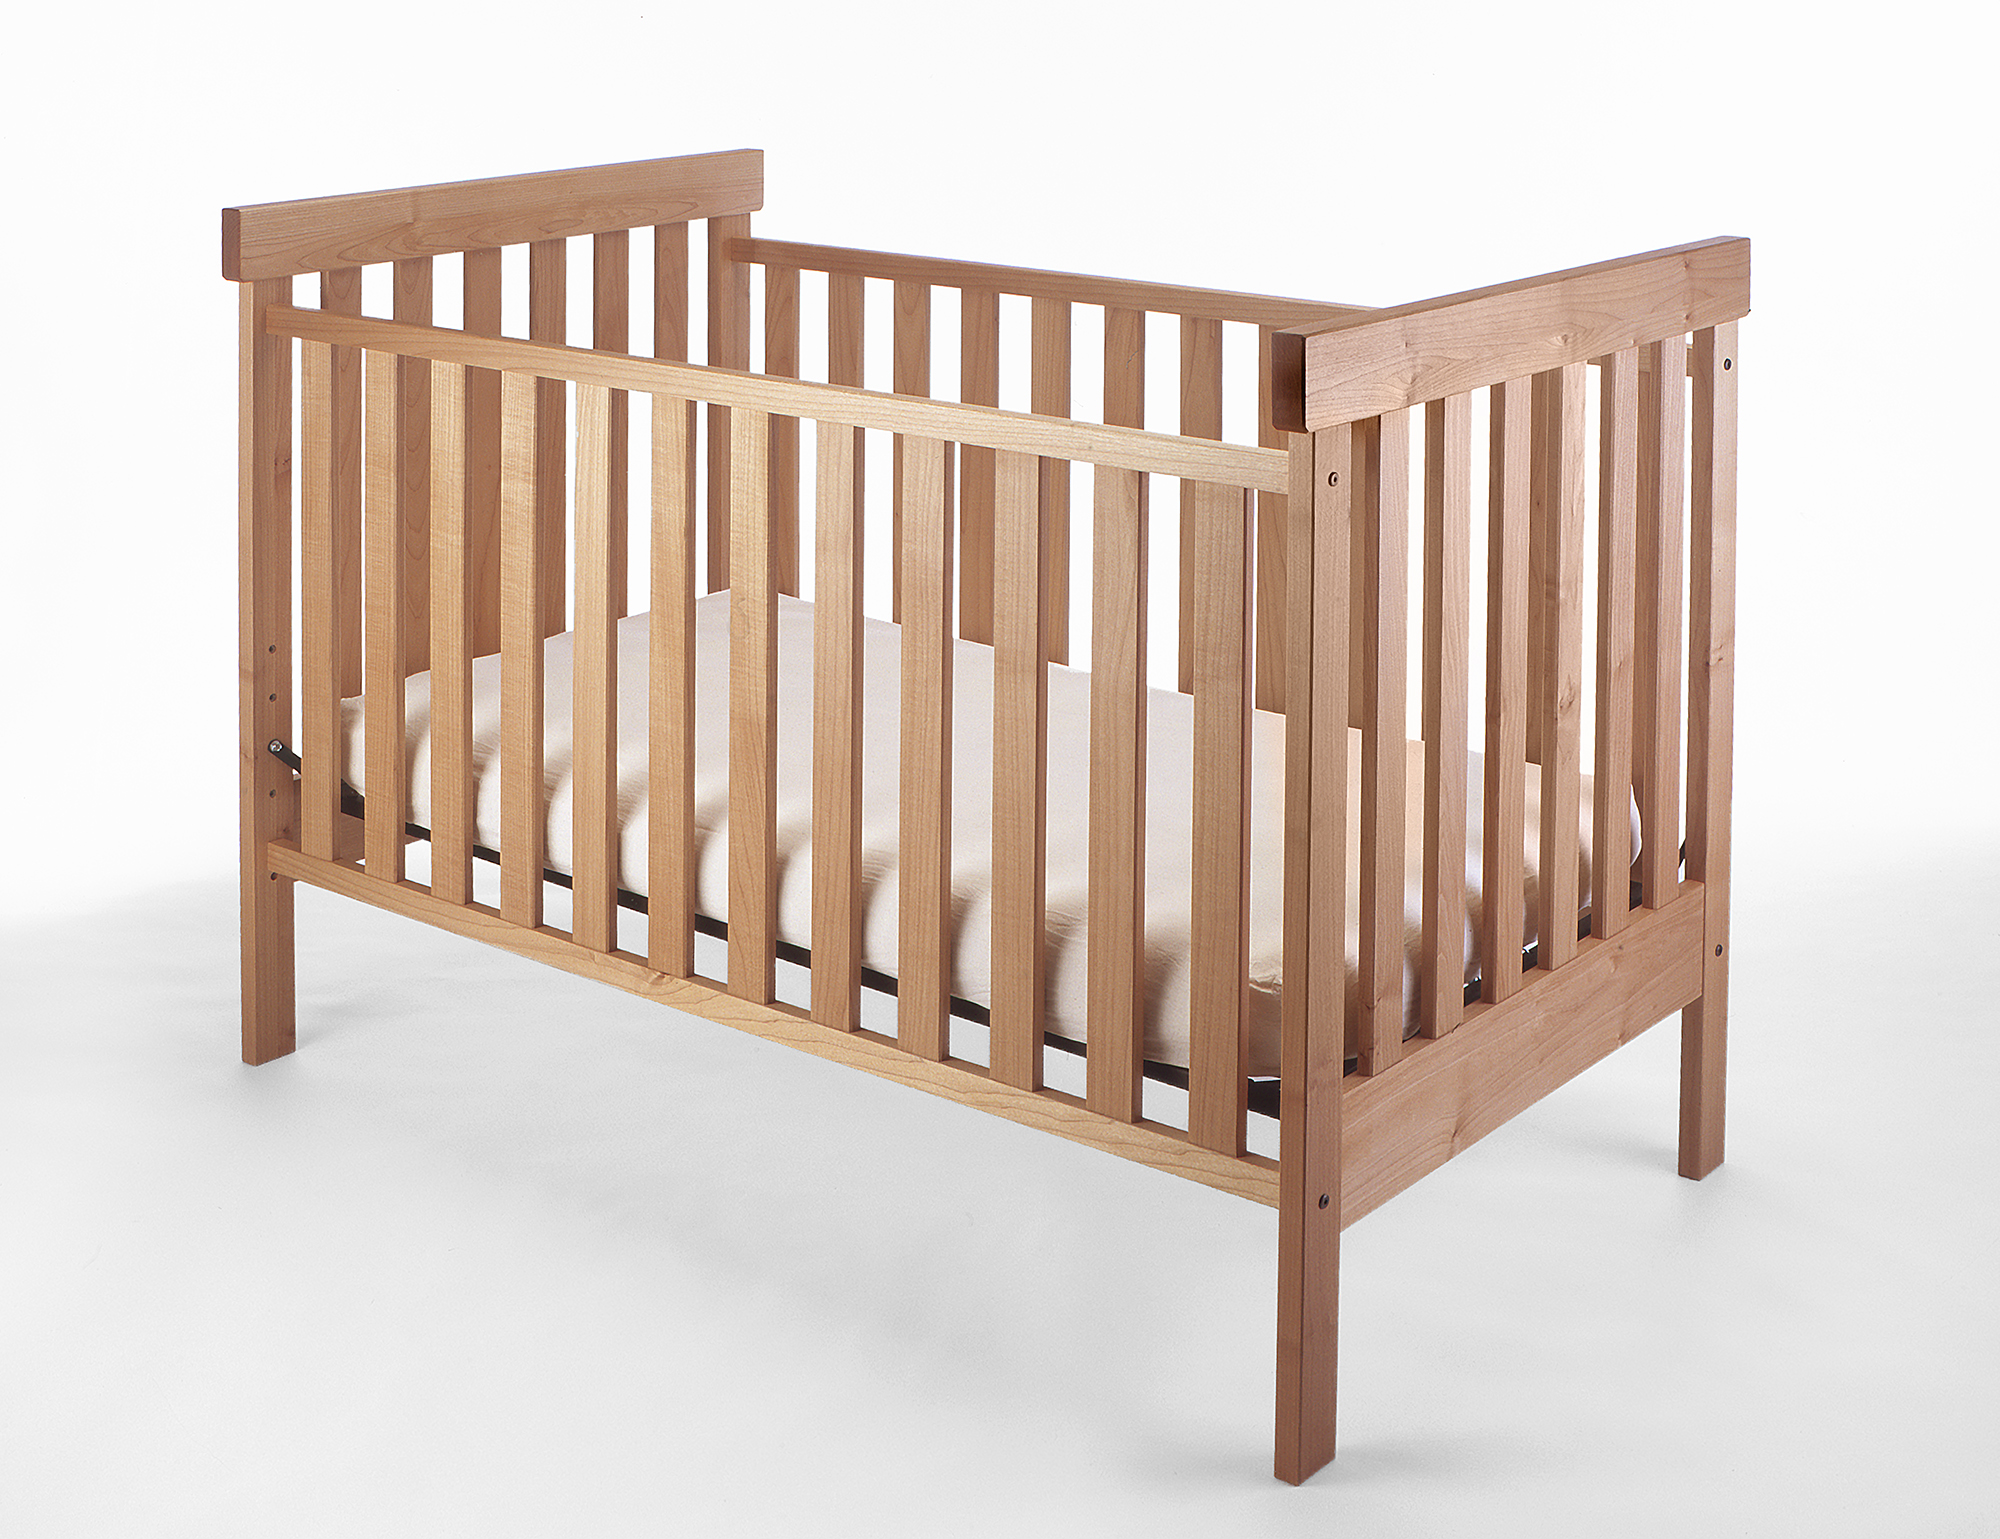 Fullsize Of Ikea Sniglar Crib